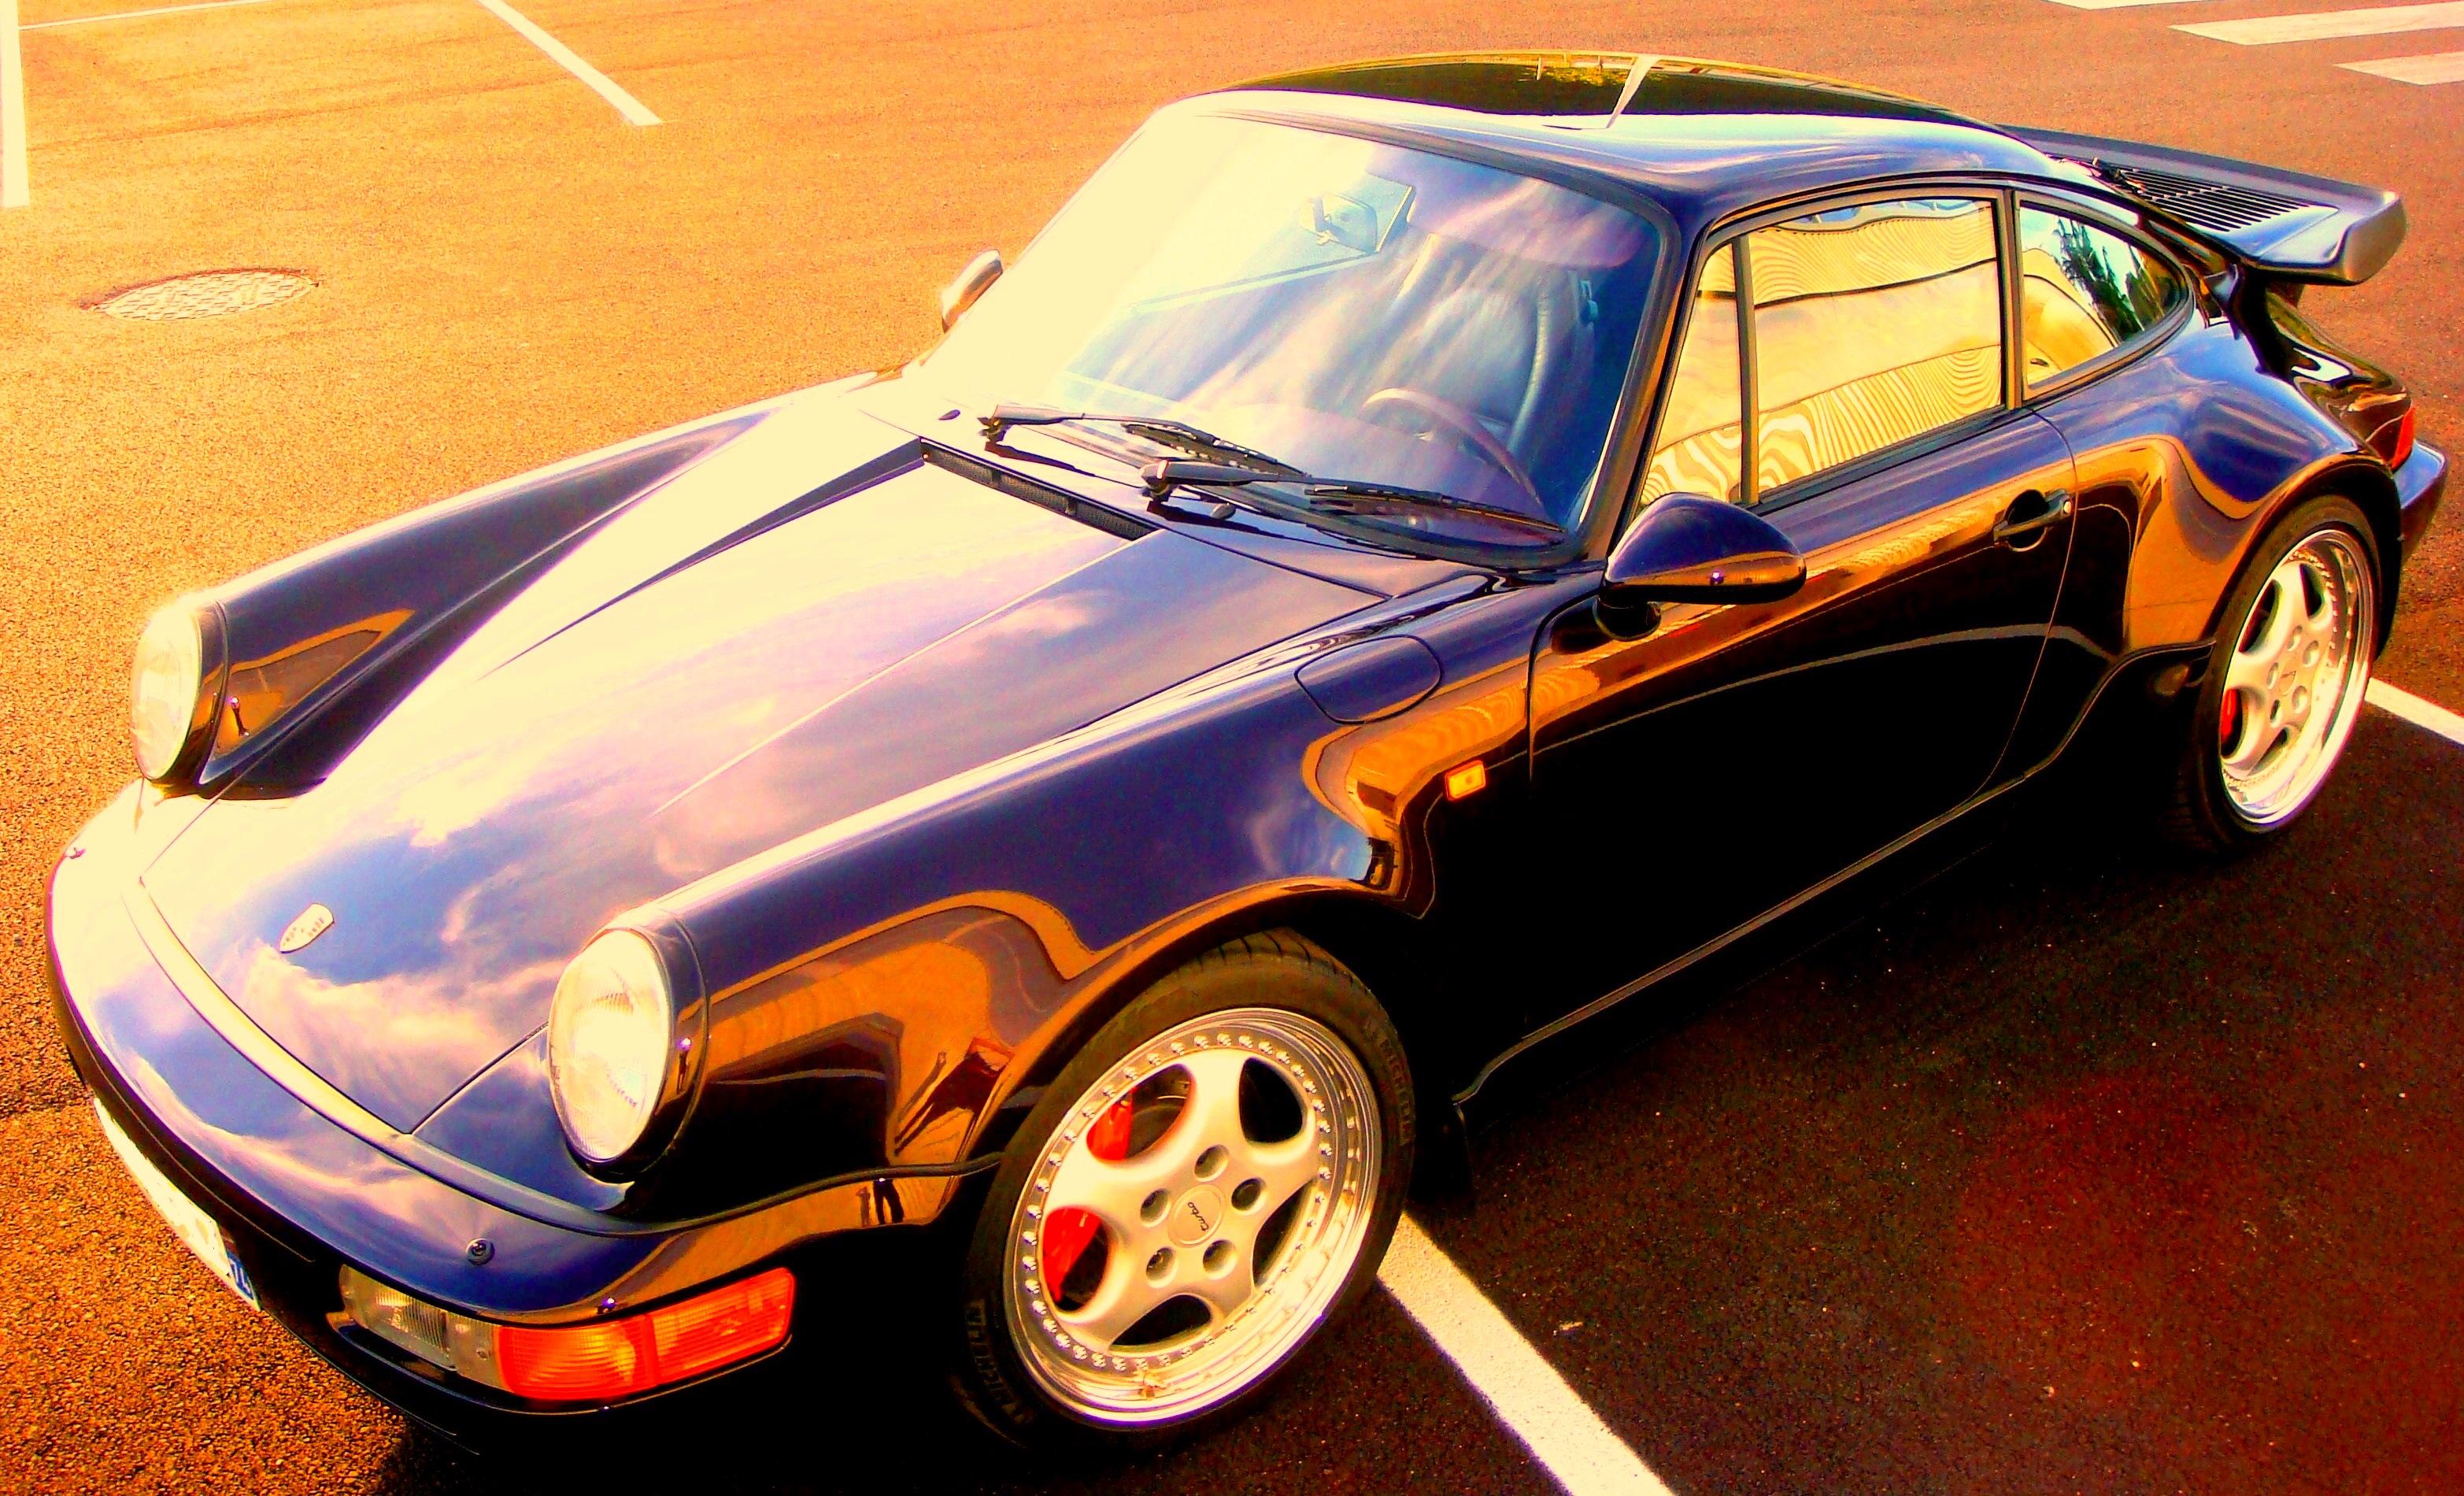 Une Belle photo de Porsche - Page 2 726858DSC06838